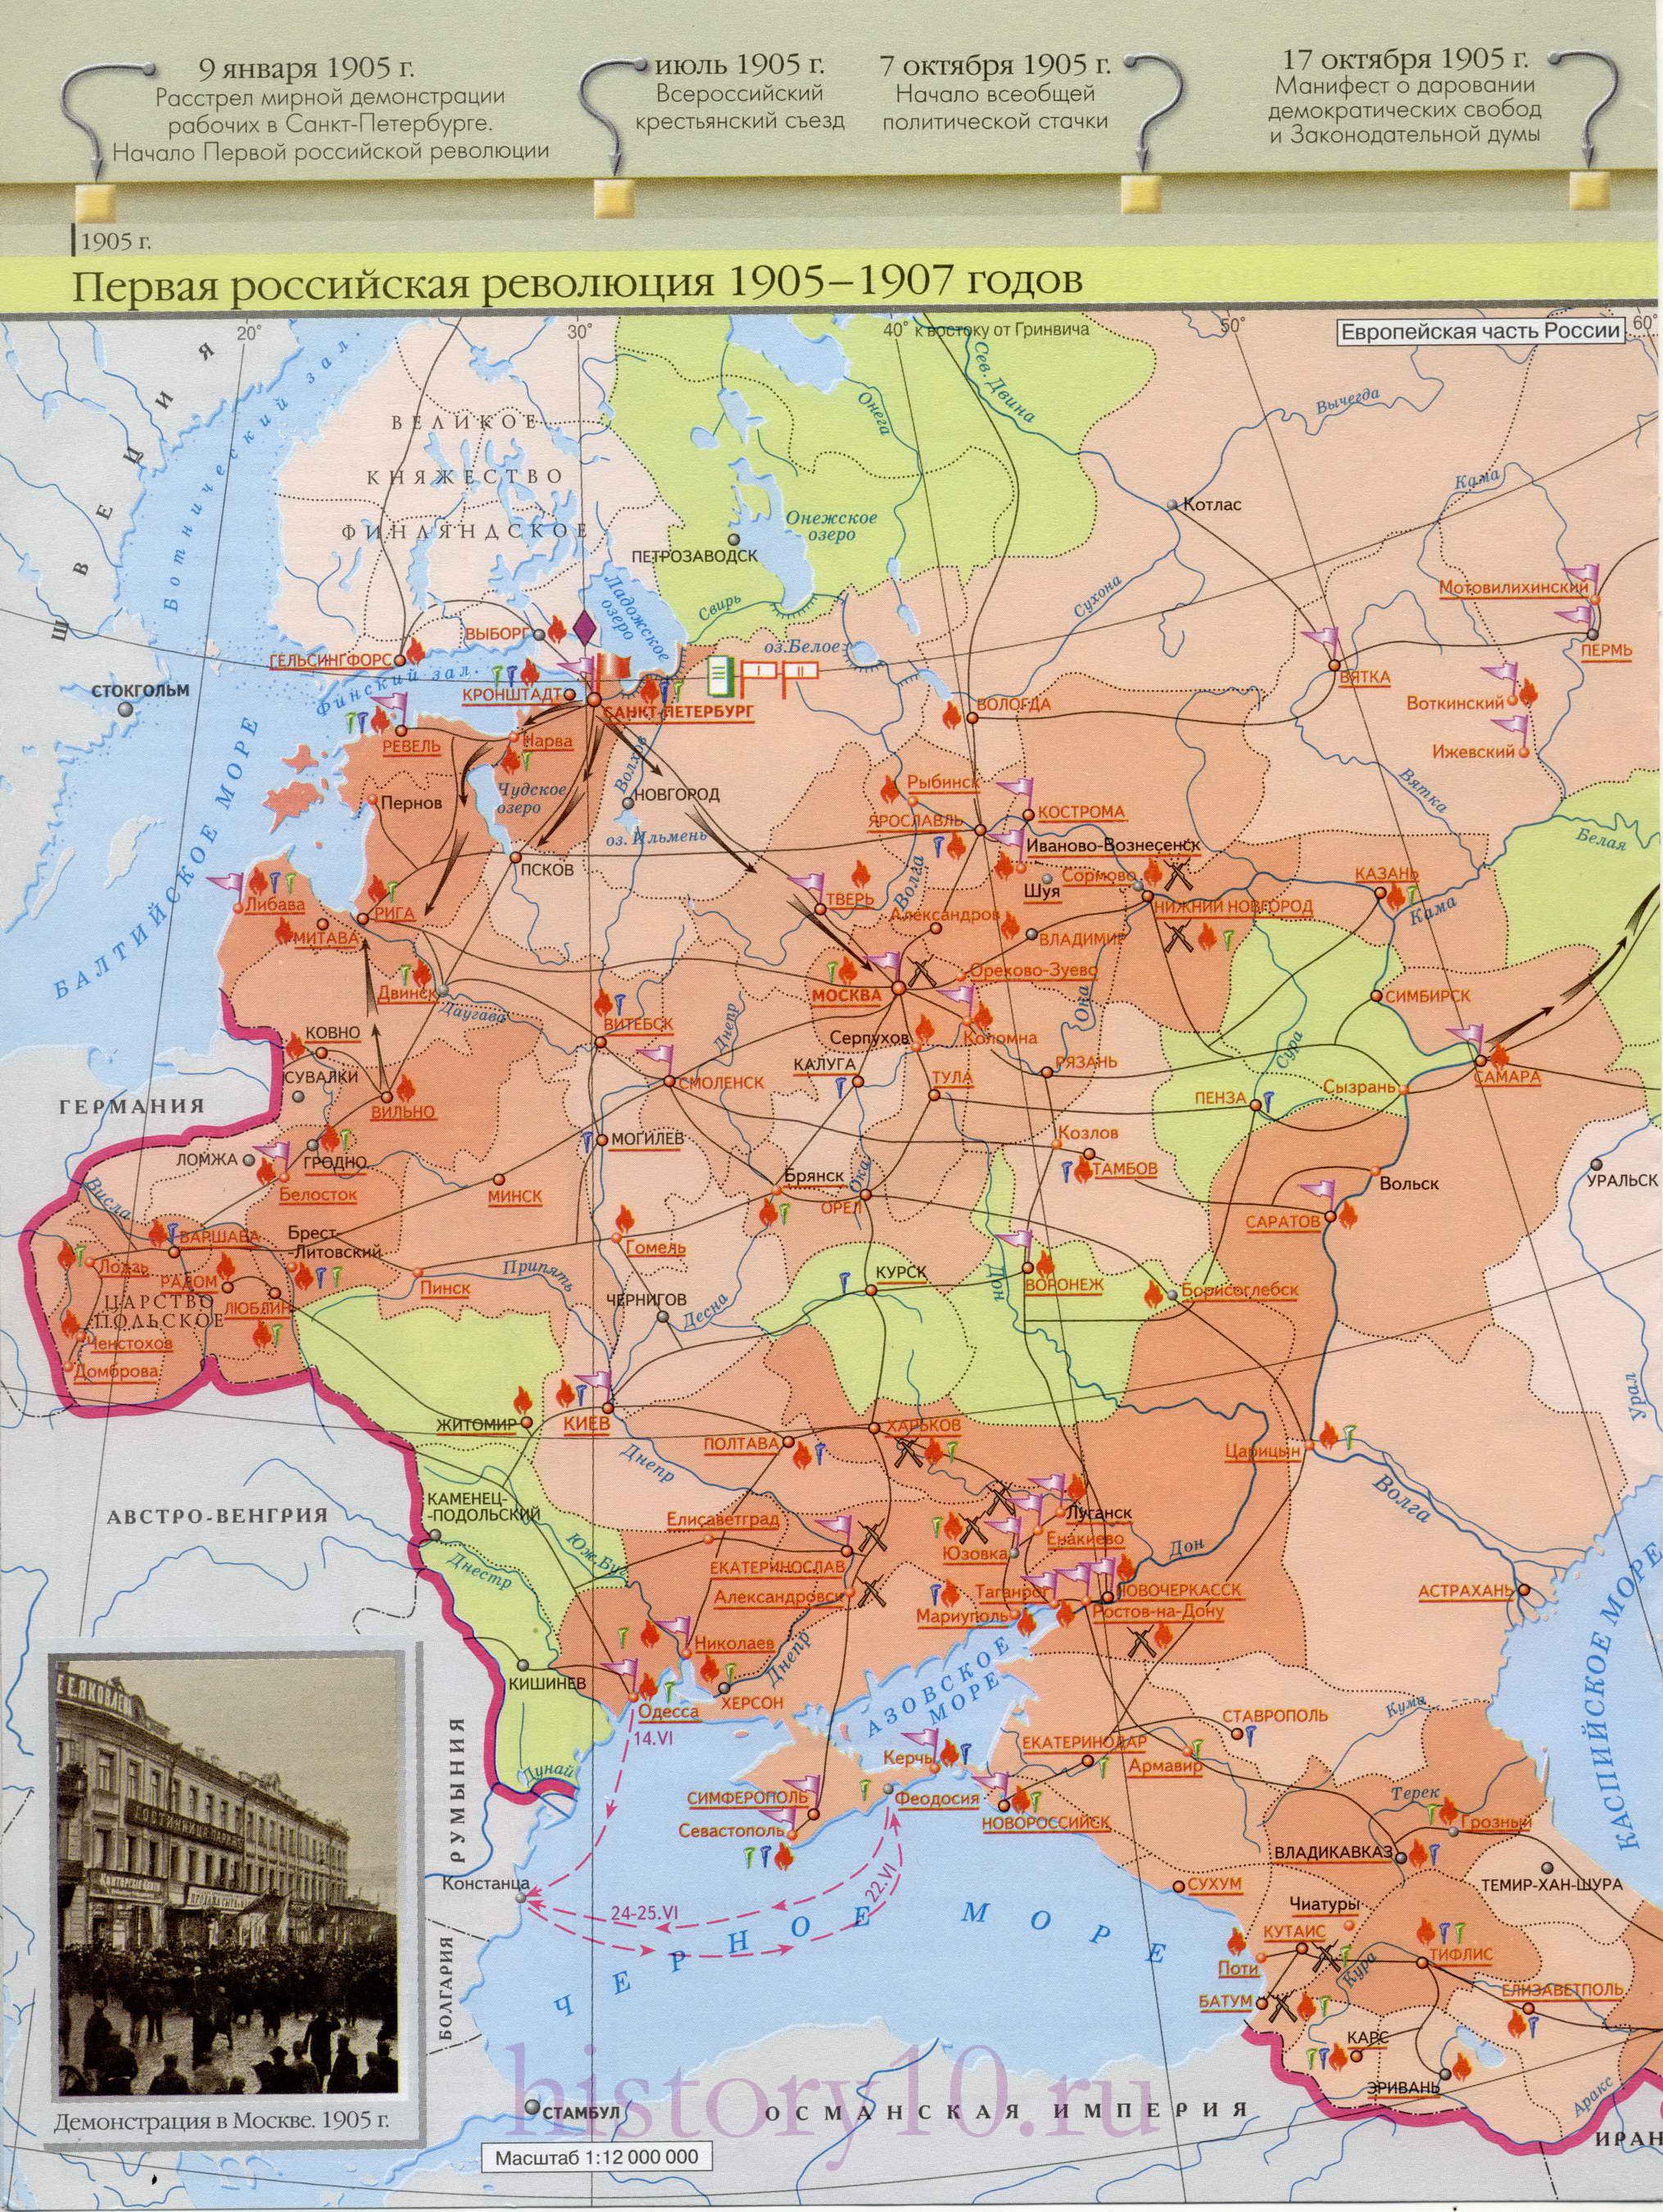 Первая Российская революция 1905-1907 годов.  Города охваченные Всероссийской политической стачкой в октябре 1905 года.